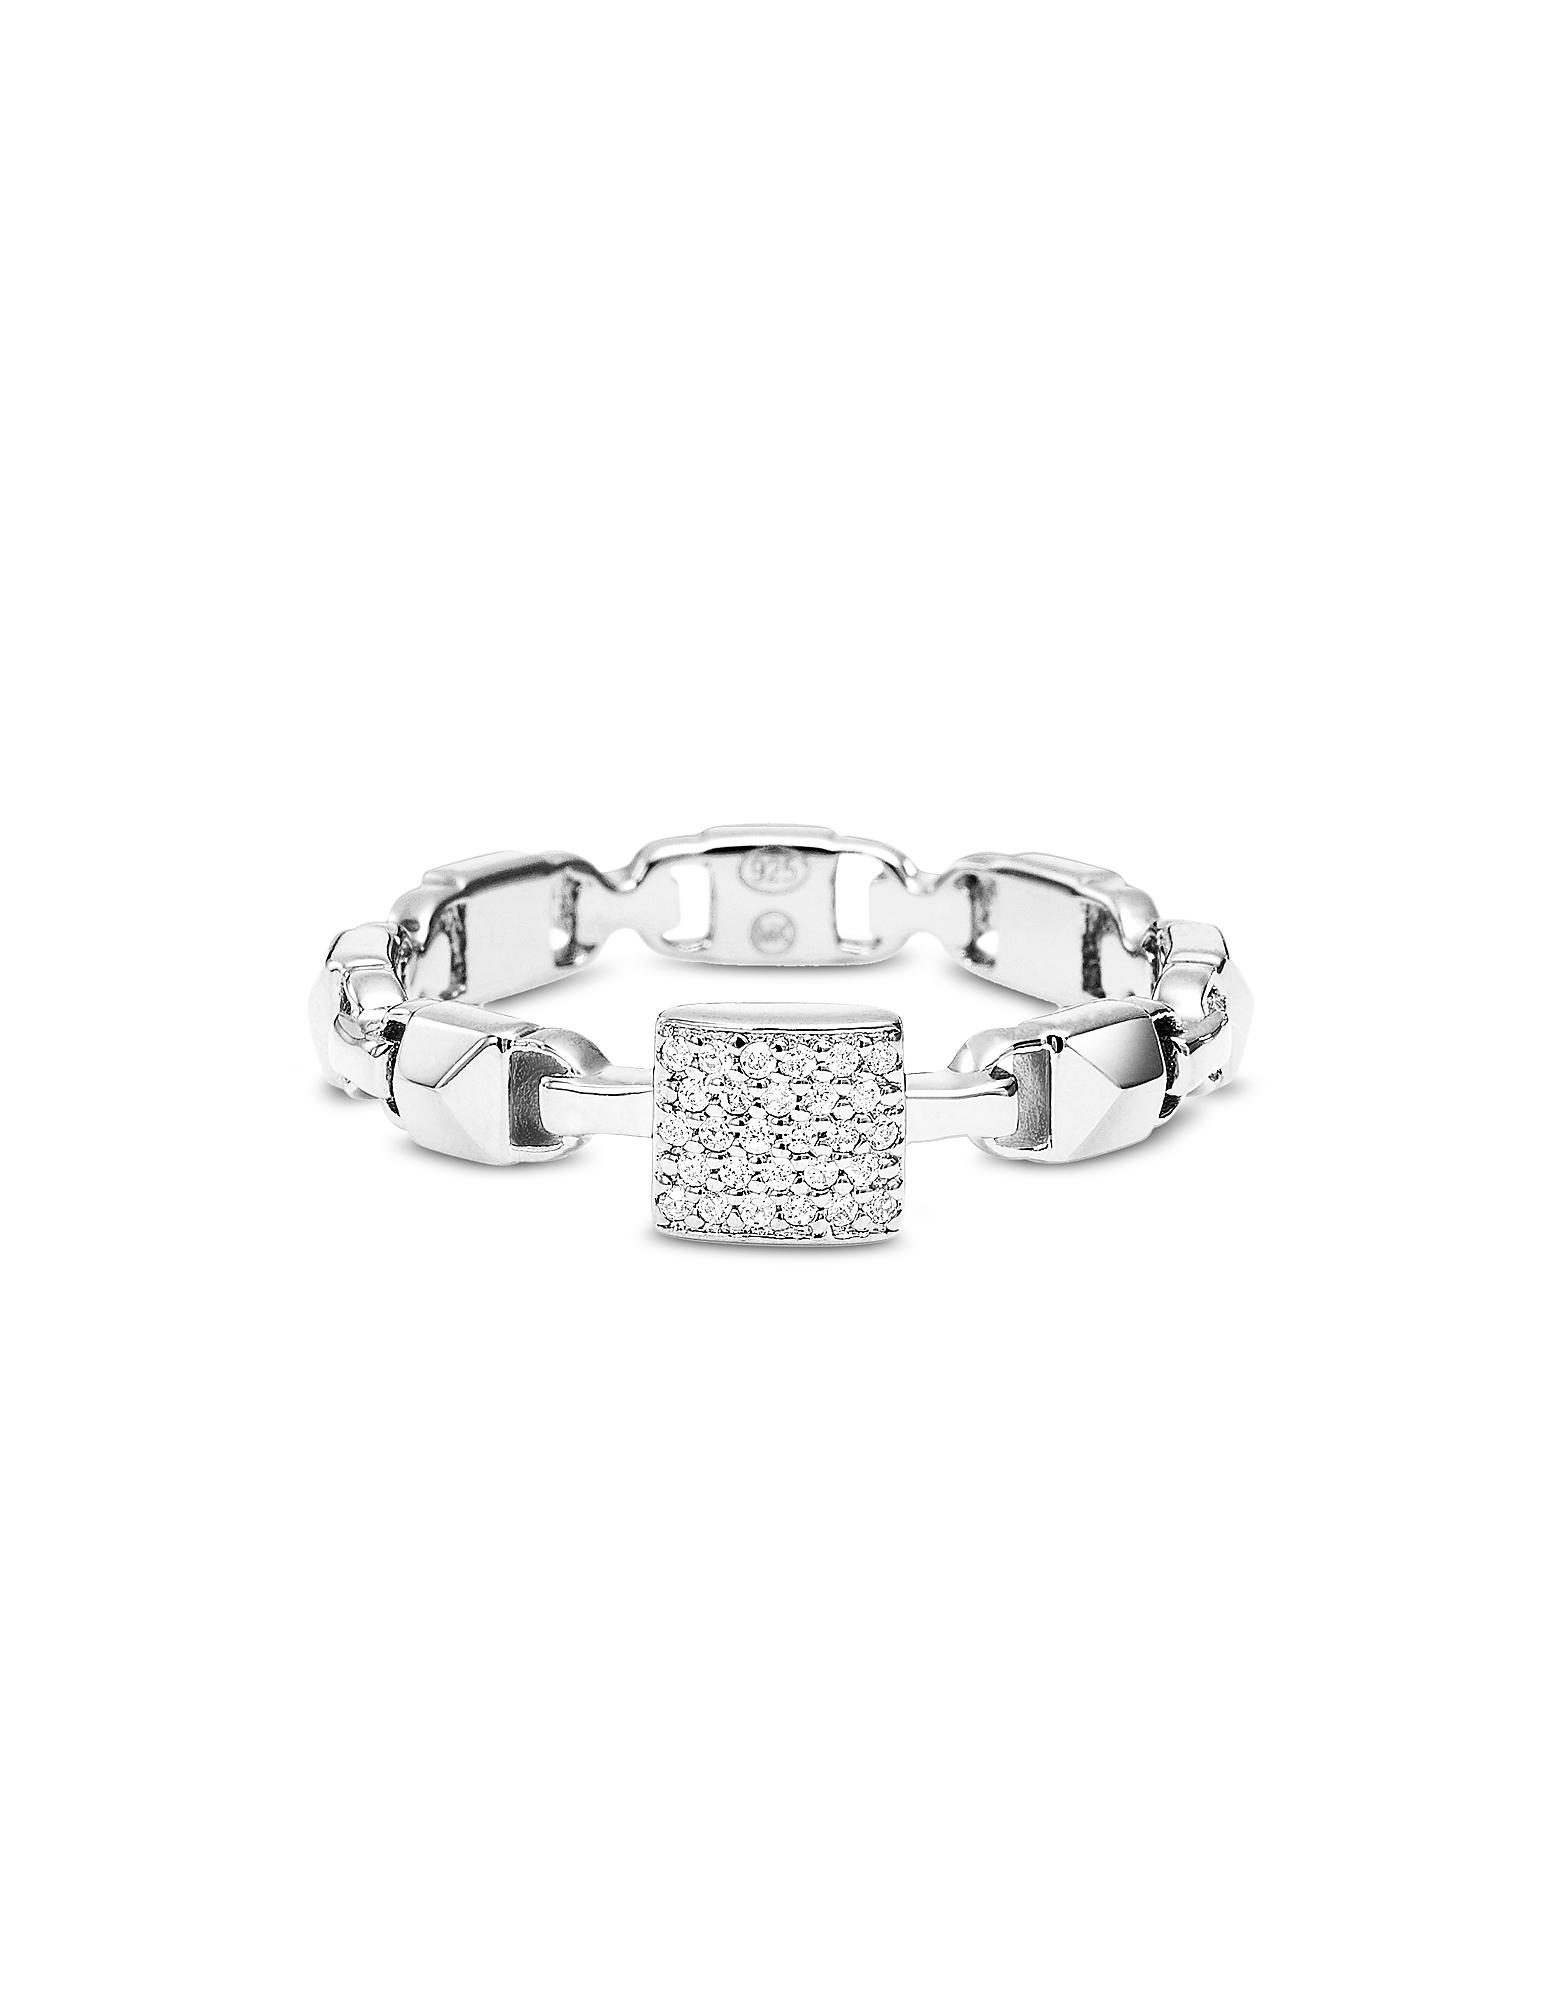 Michael Kors Designer Rings, Plated Sterling Silver Mercer Link Pavé Center Ring